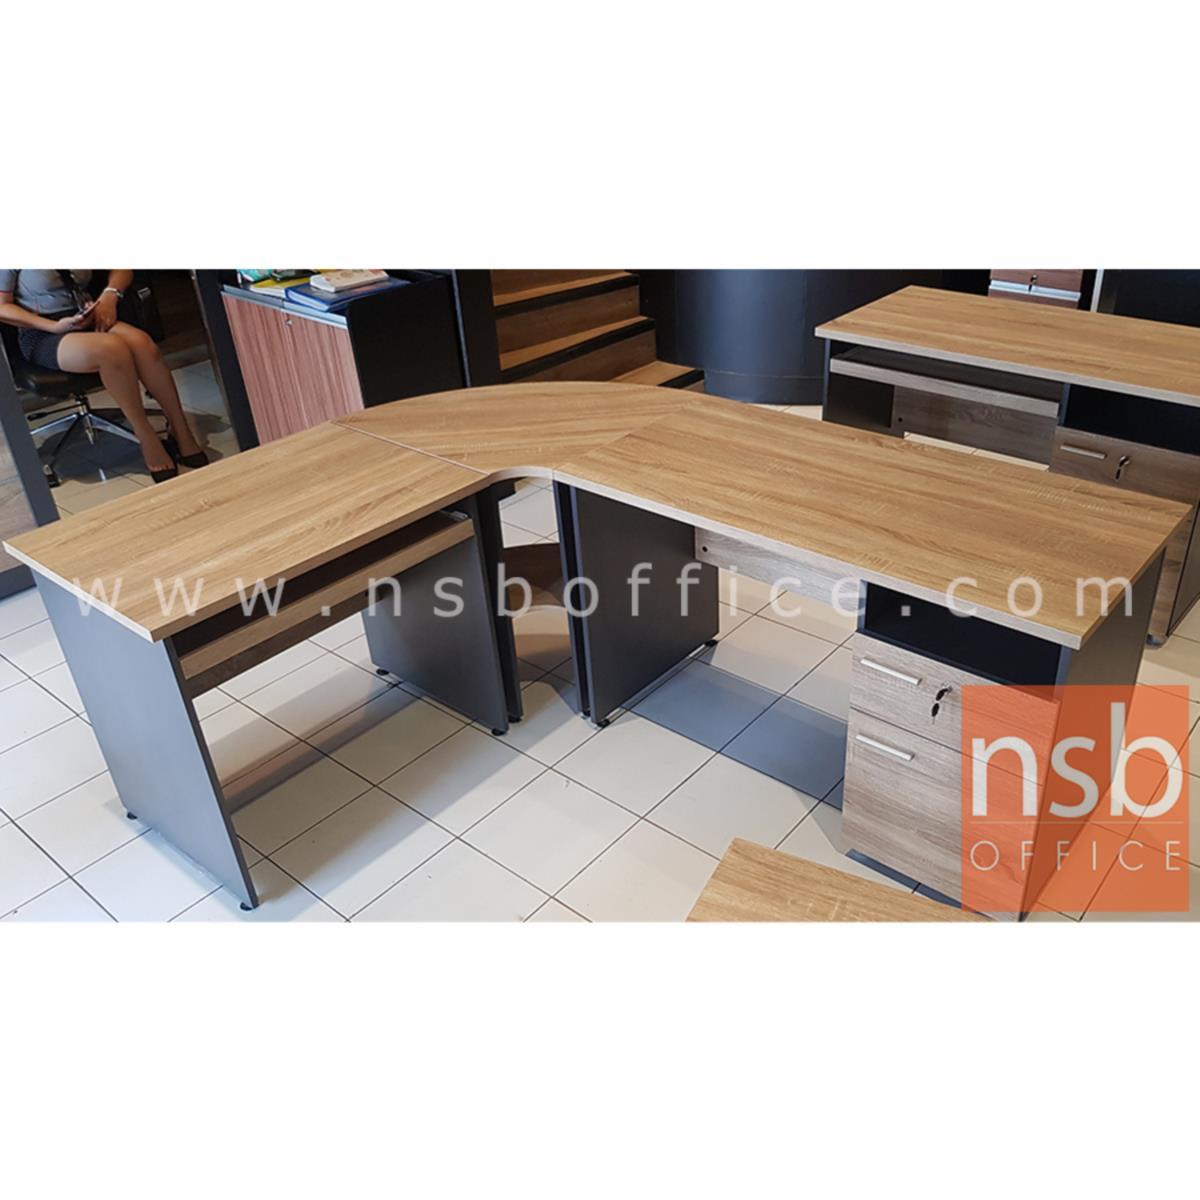 โต๊ะเข้ามุม 2 แผ่นชั้น  รุ่น NCK-700  ขนาด 70W cm. เมลามีน สีแกรนโอ๊คตัดกราไฟท์